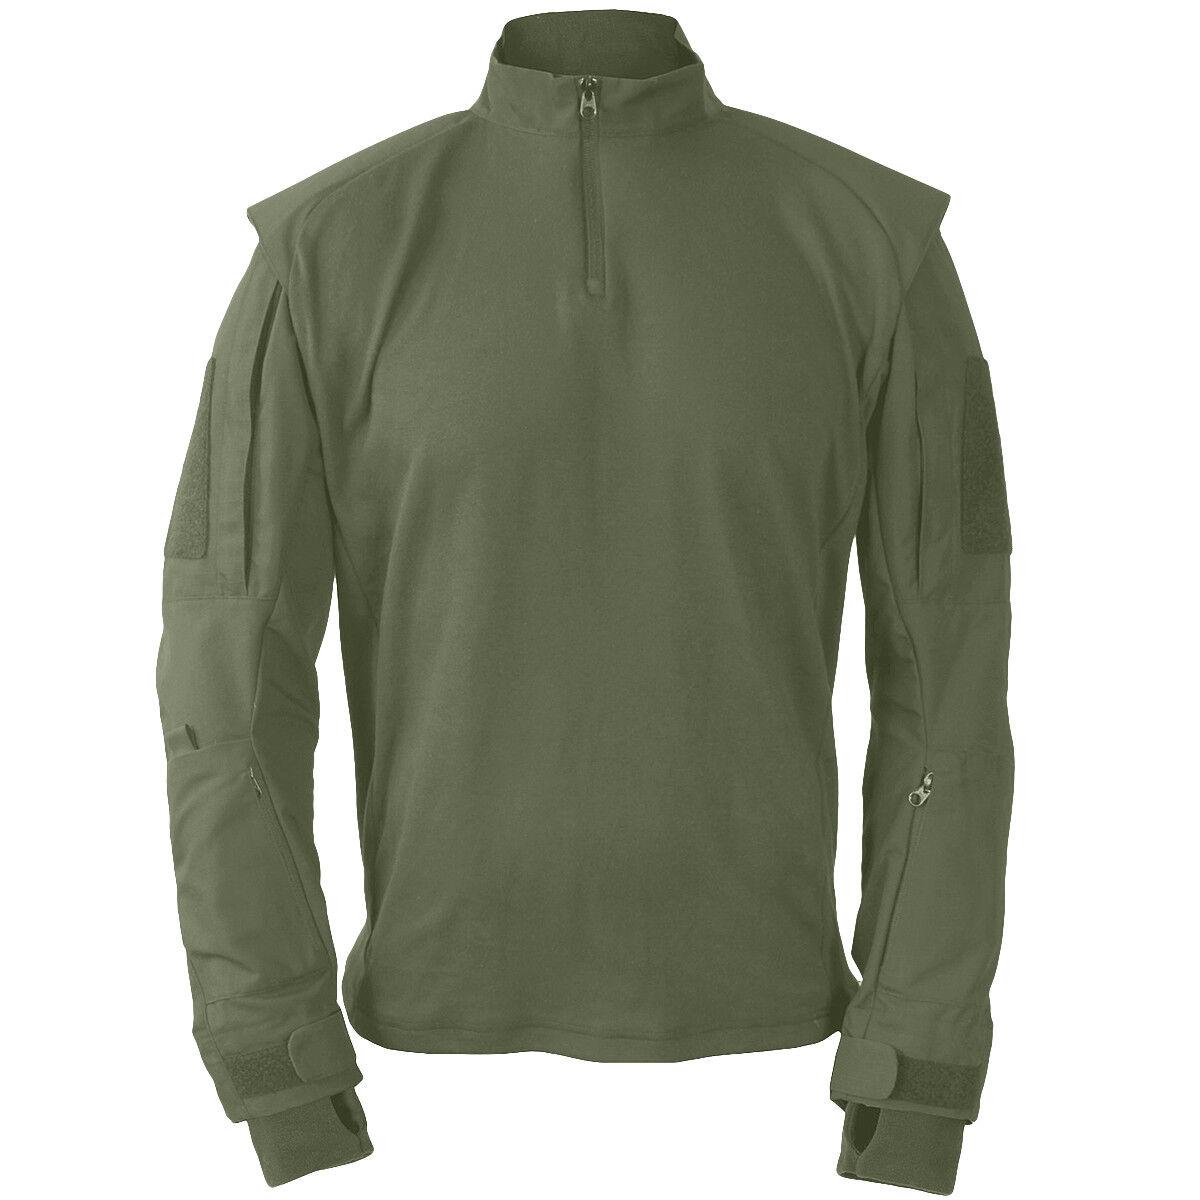 Propper TAC.U Combat Shirt Mens Durable UBACS Security Patrol Work Uniform Olive